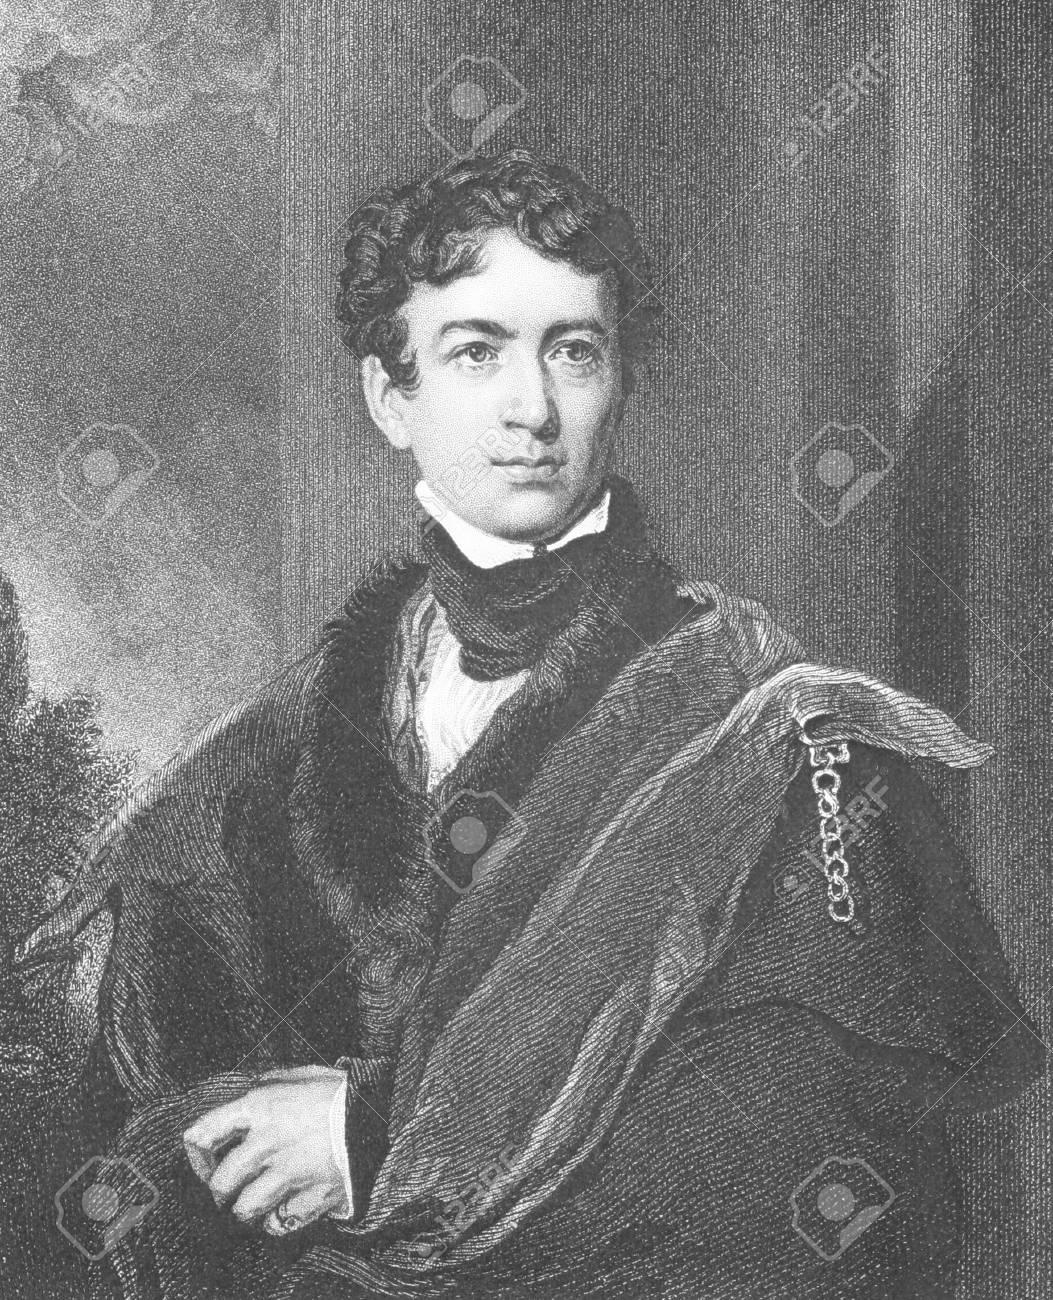 ジョン ・ ラムトン、第 1 伯爵...